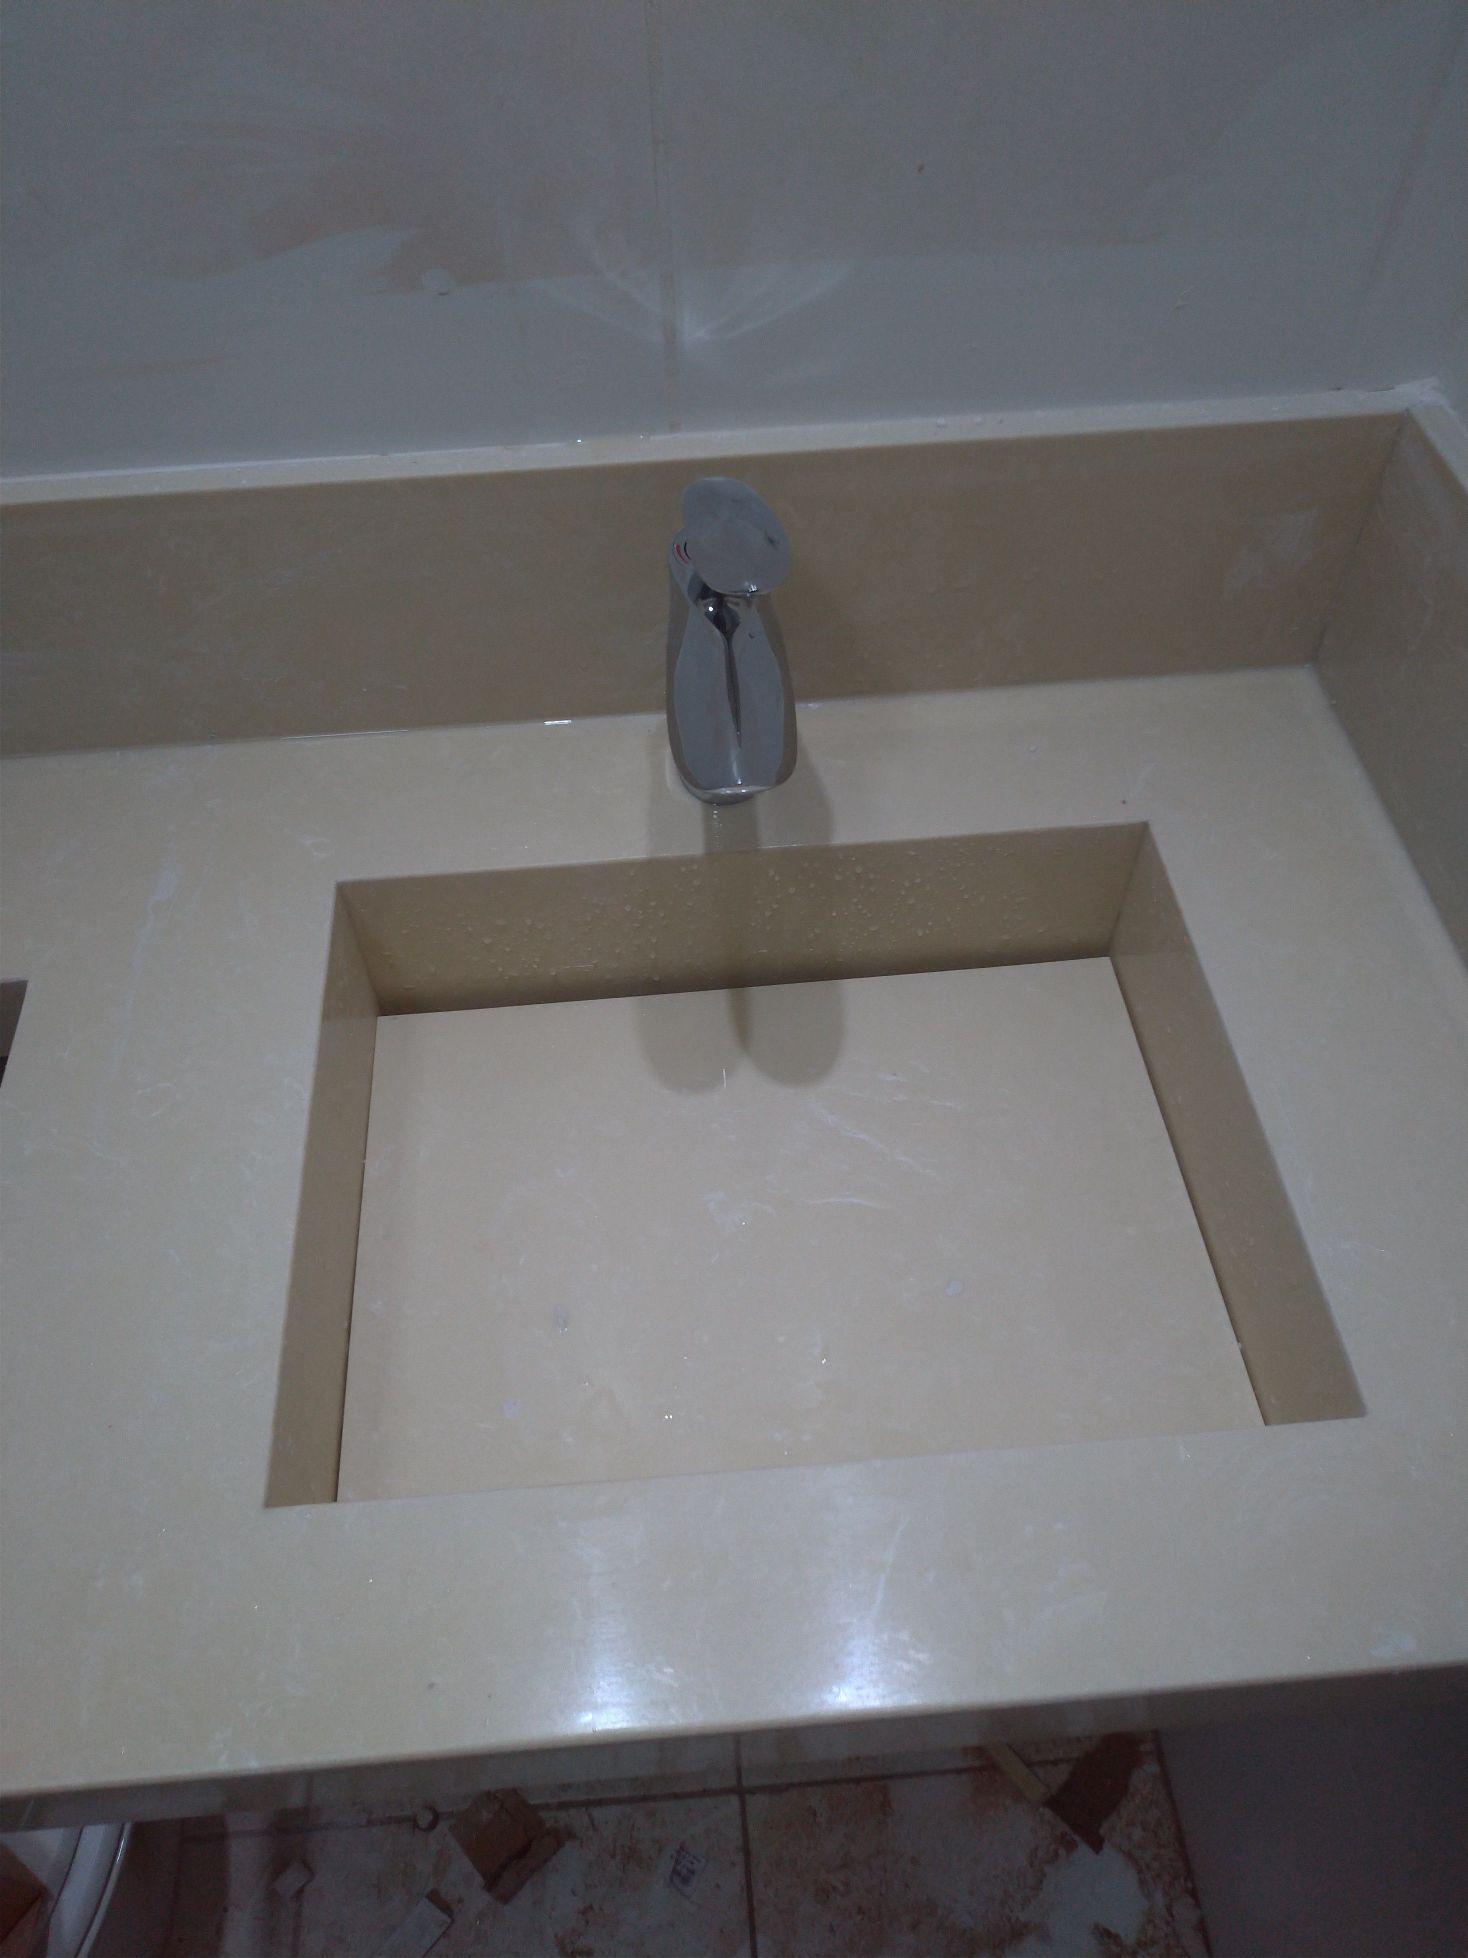 Instalação de torneiras com sistema de misturador.